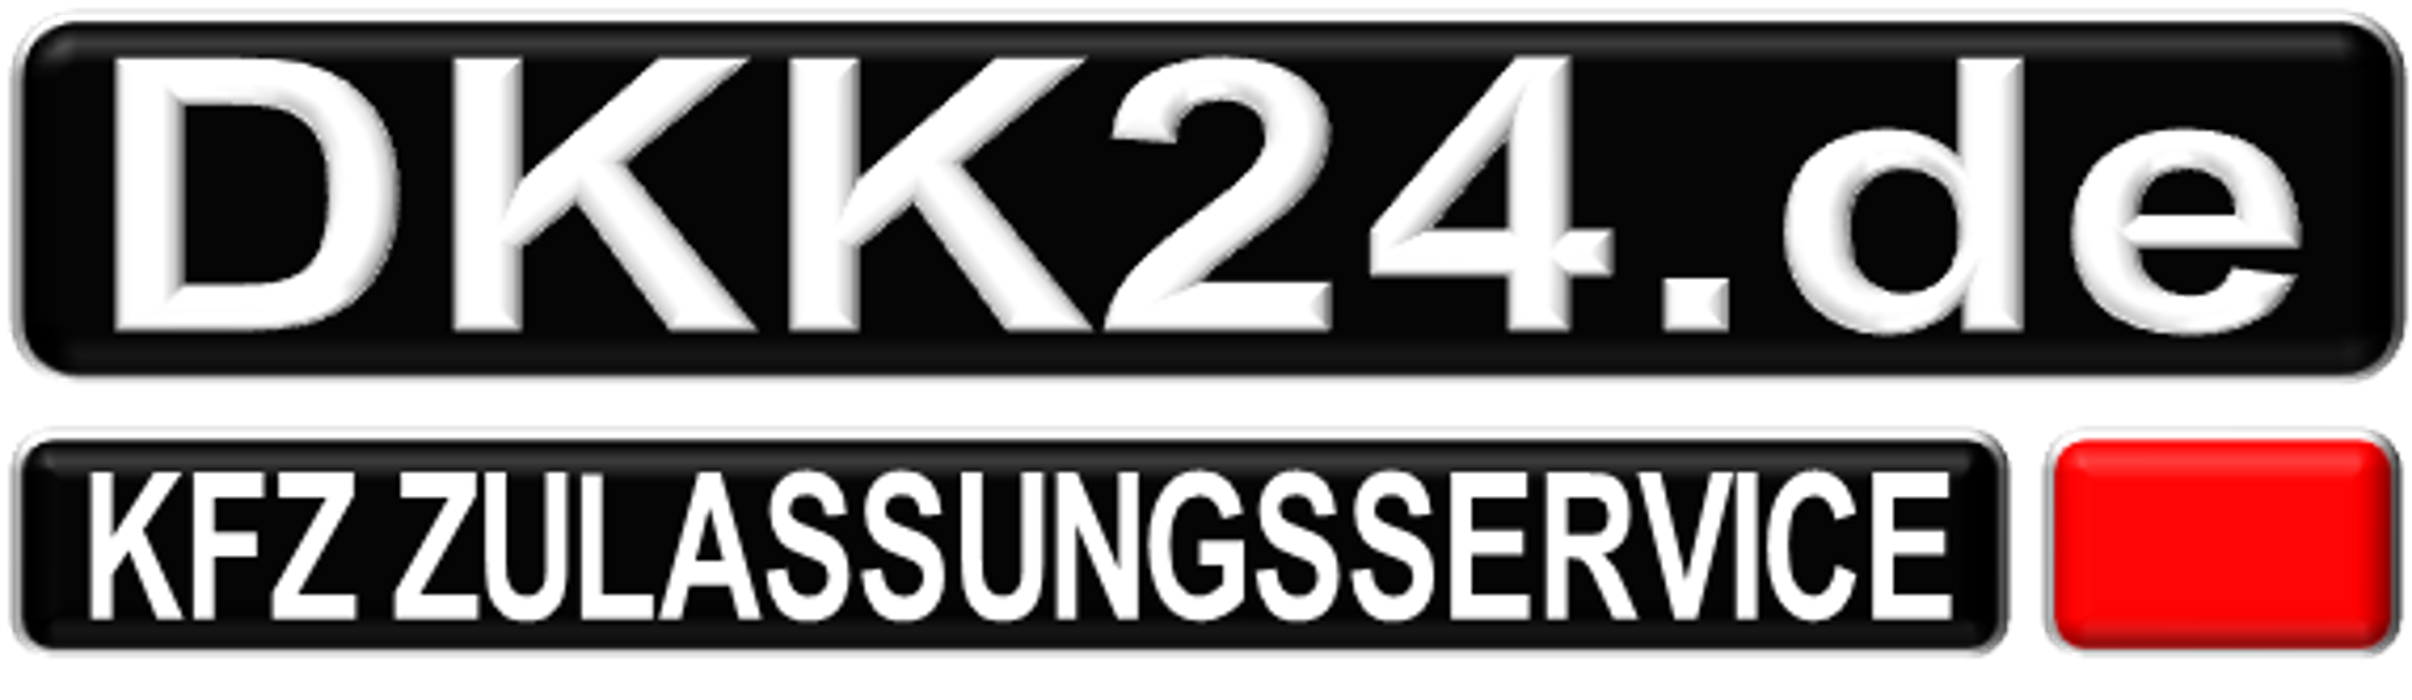 Logo von DKK24 KFZ Zulassungsservice Zulassungsdienst